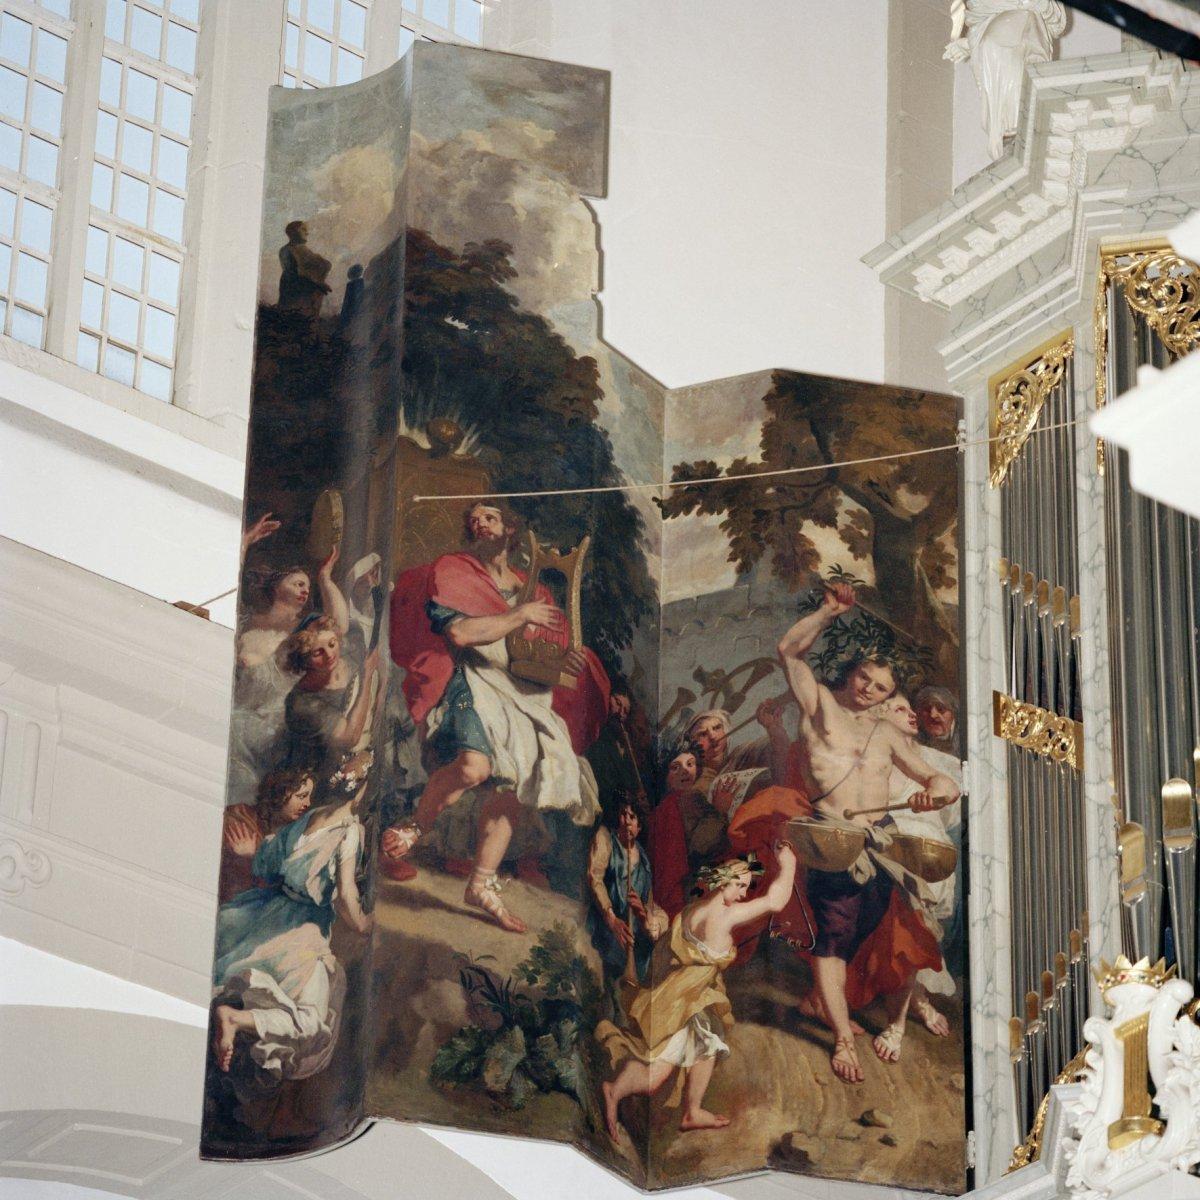 Interieur orgel detail binnenzijde van het linker for De koning interieur